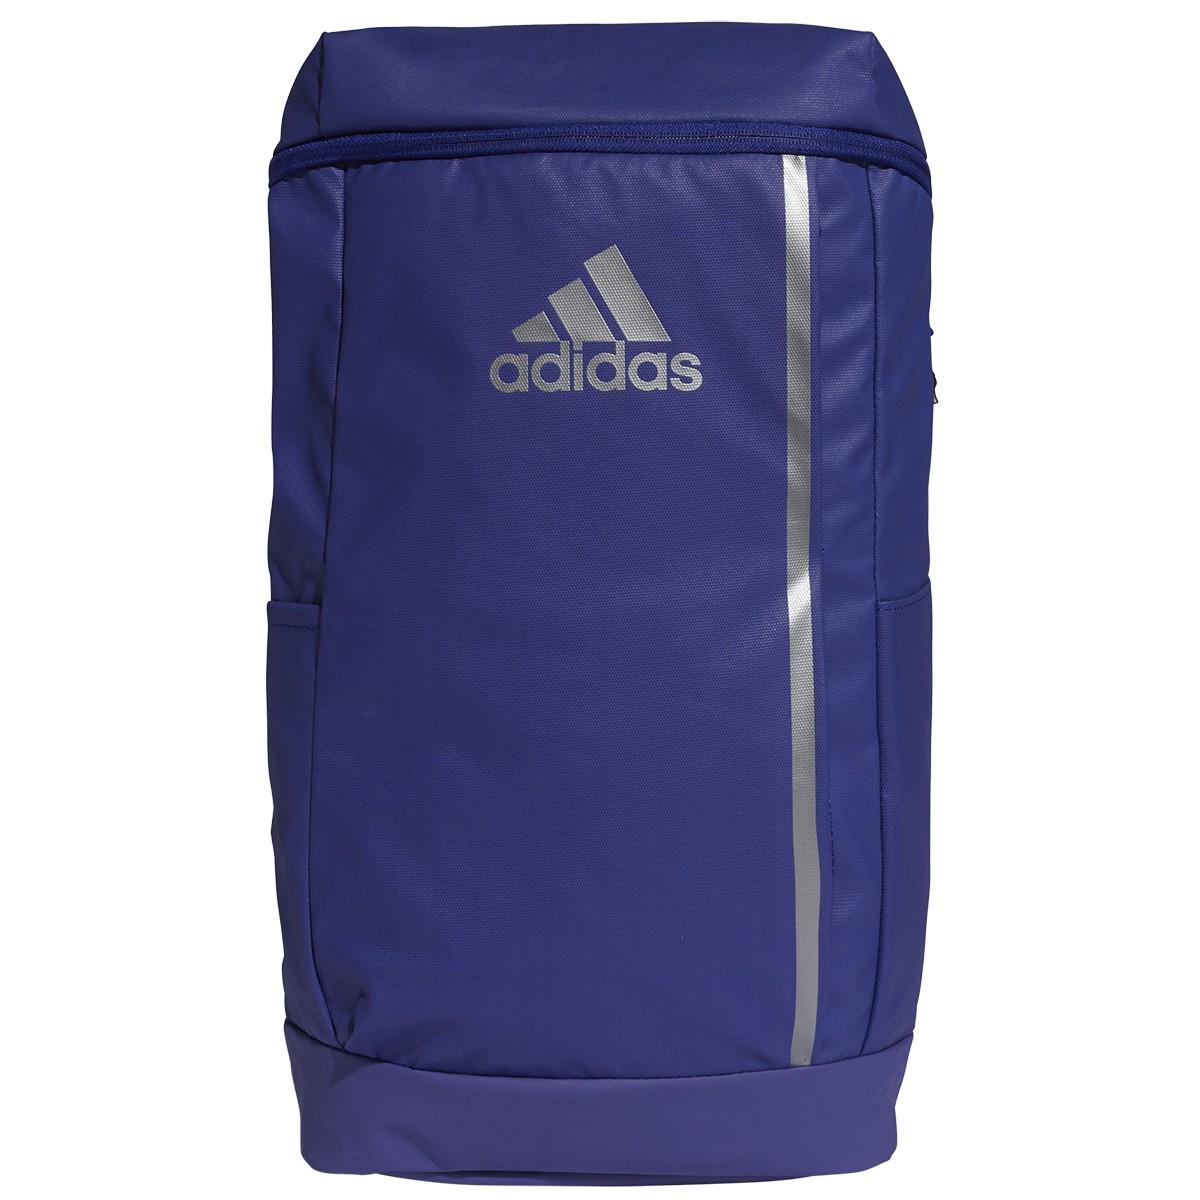 Dos A Sac SacsTennispro Training Adidas YIm6gyfb7v